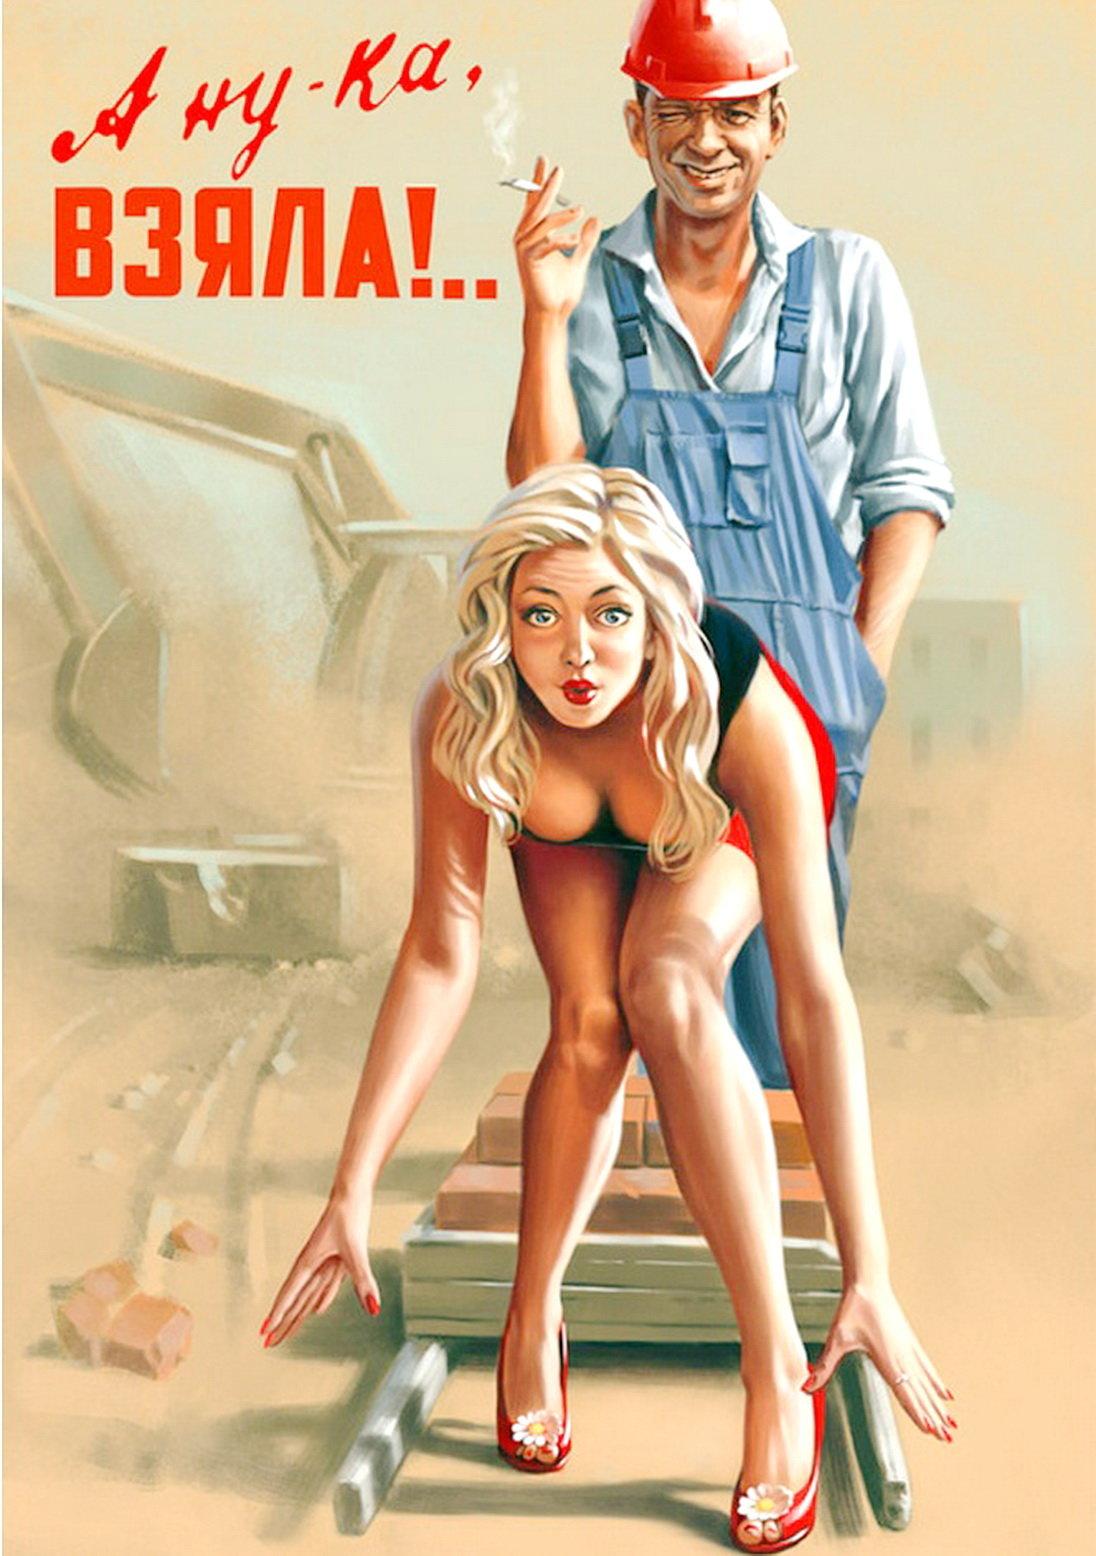 Юмористические эротические плакаты купить